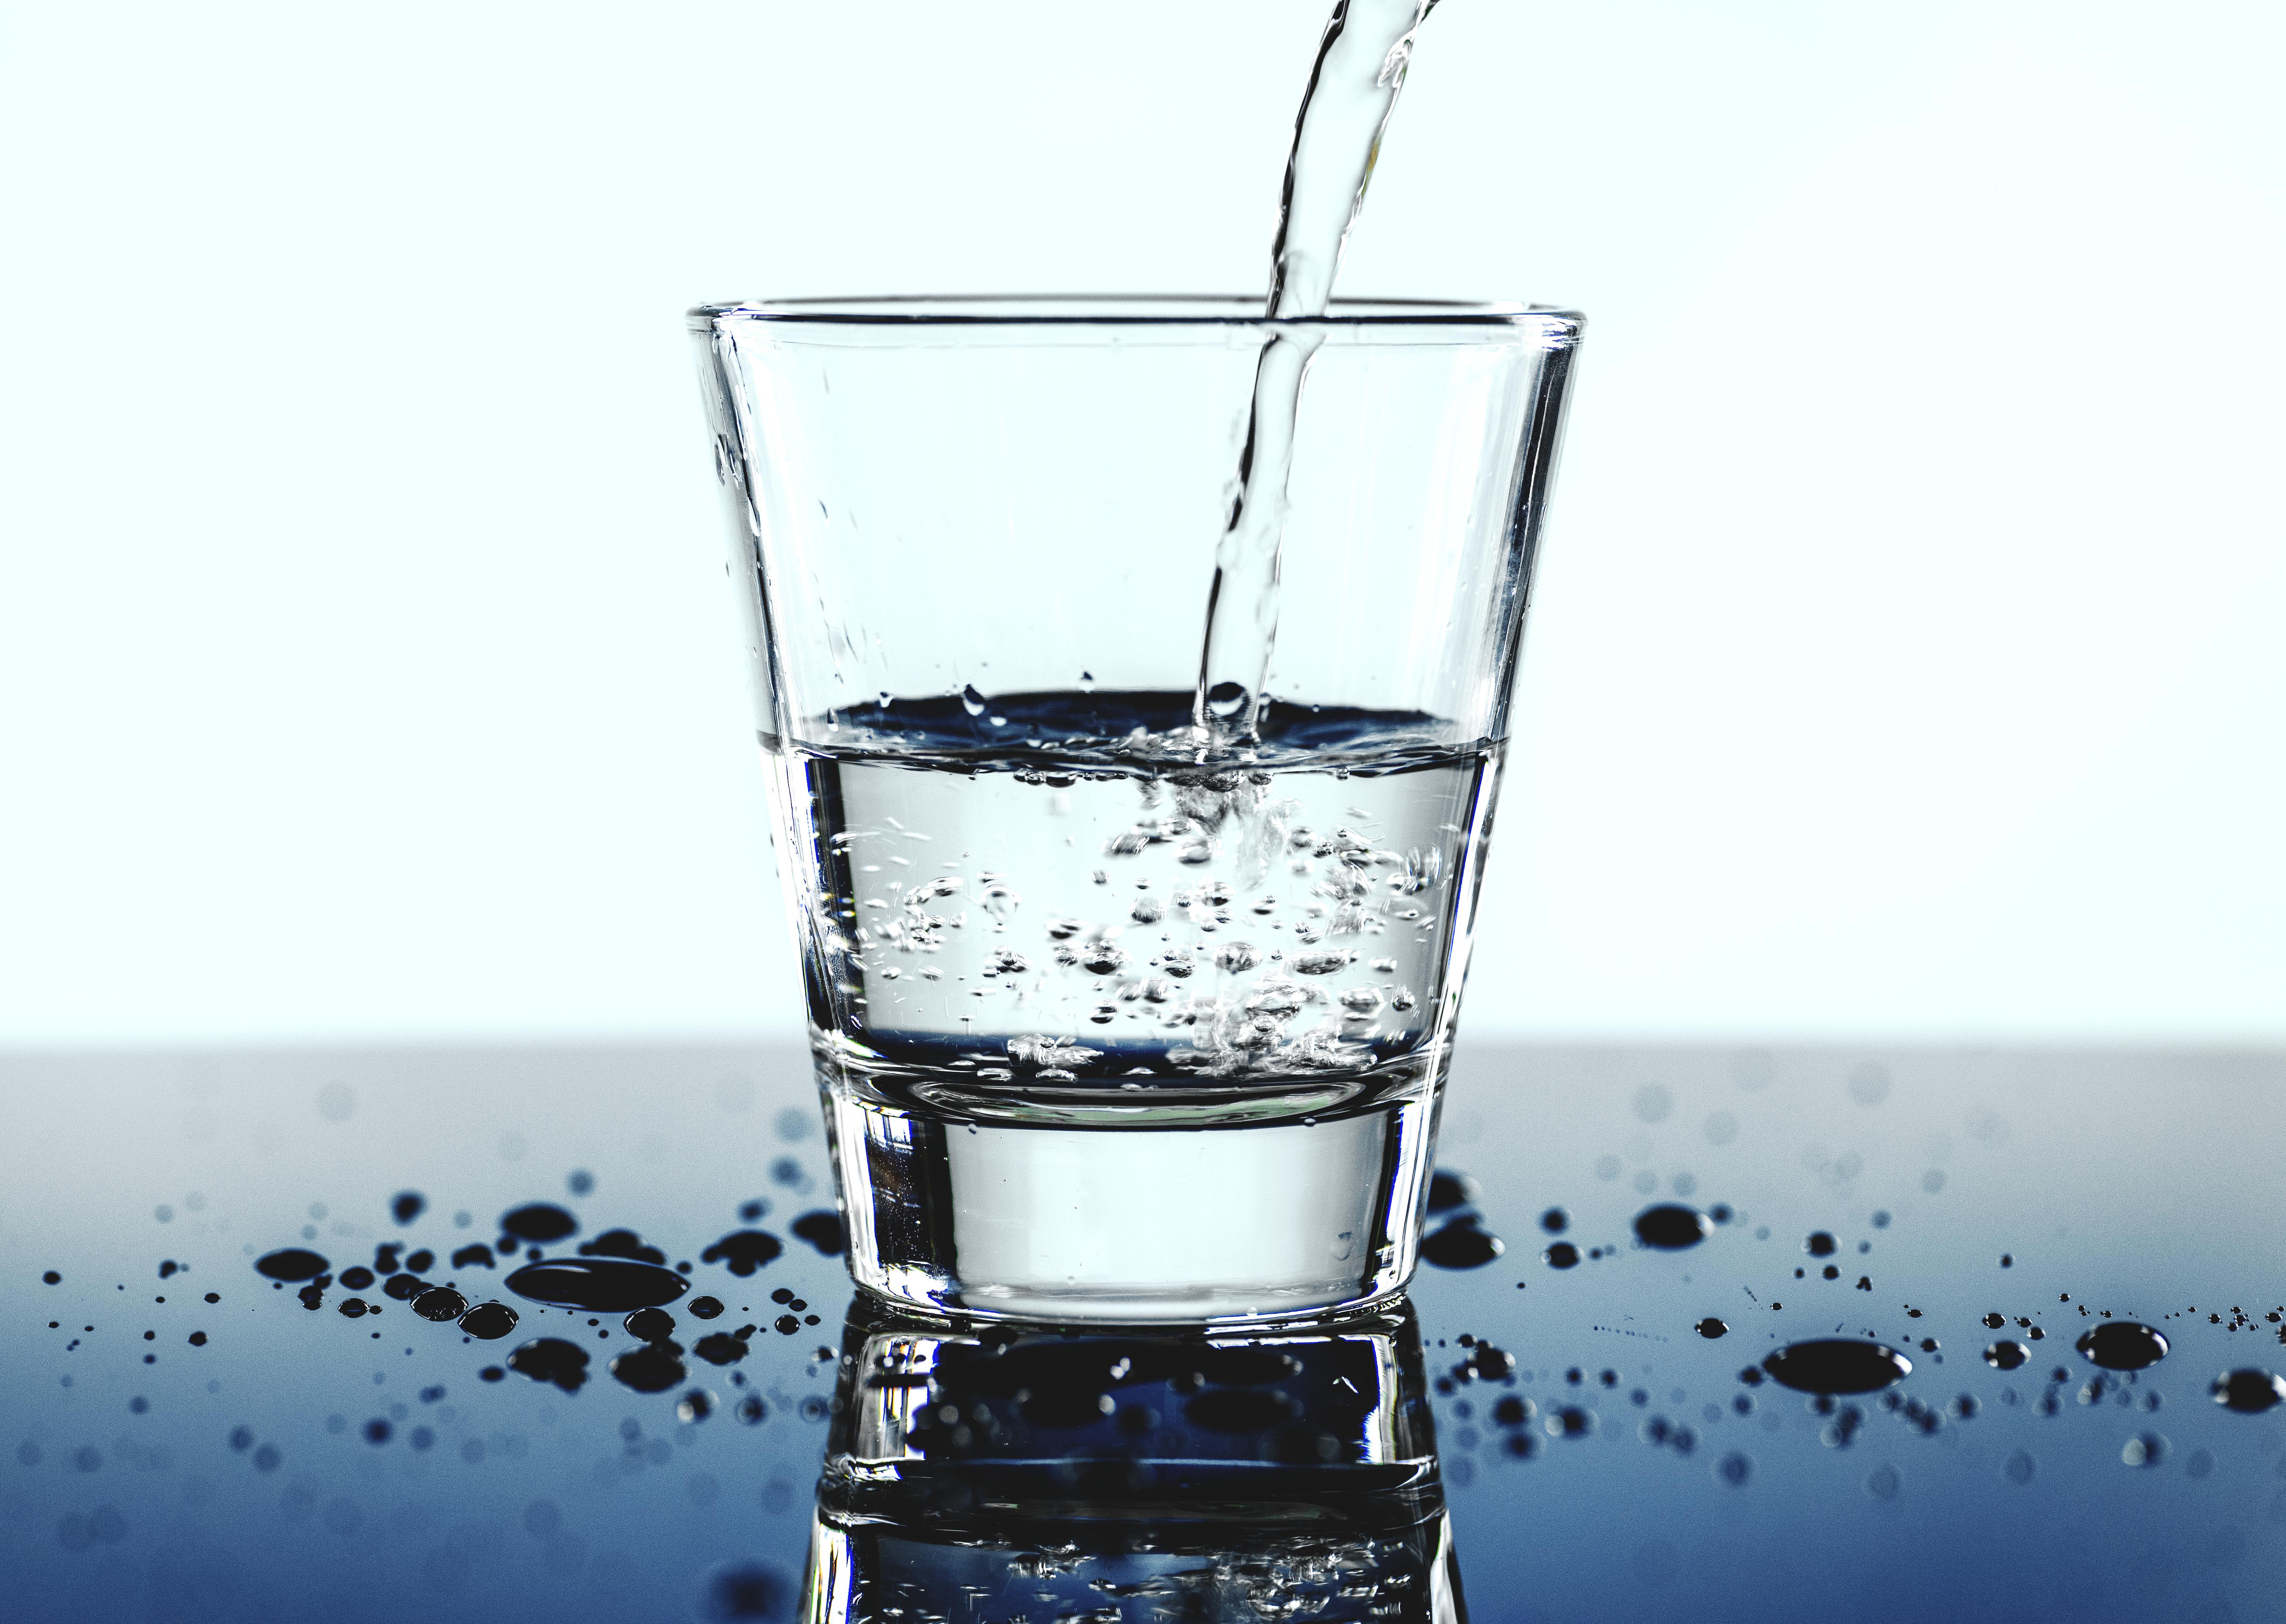 le 8 semplici regole per risparmiare l'acqua